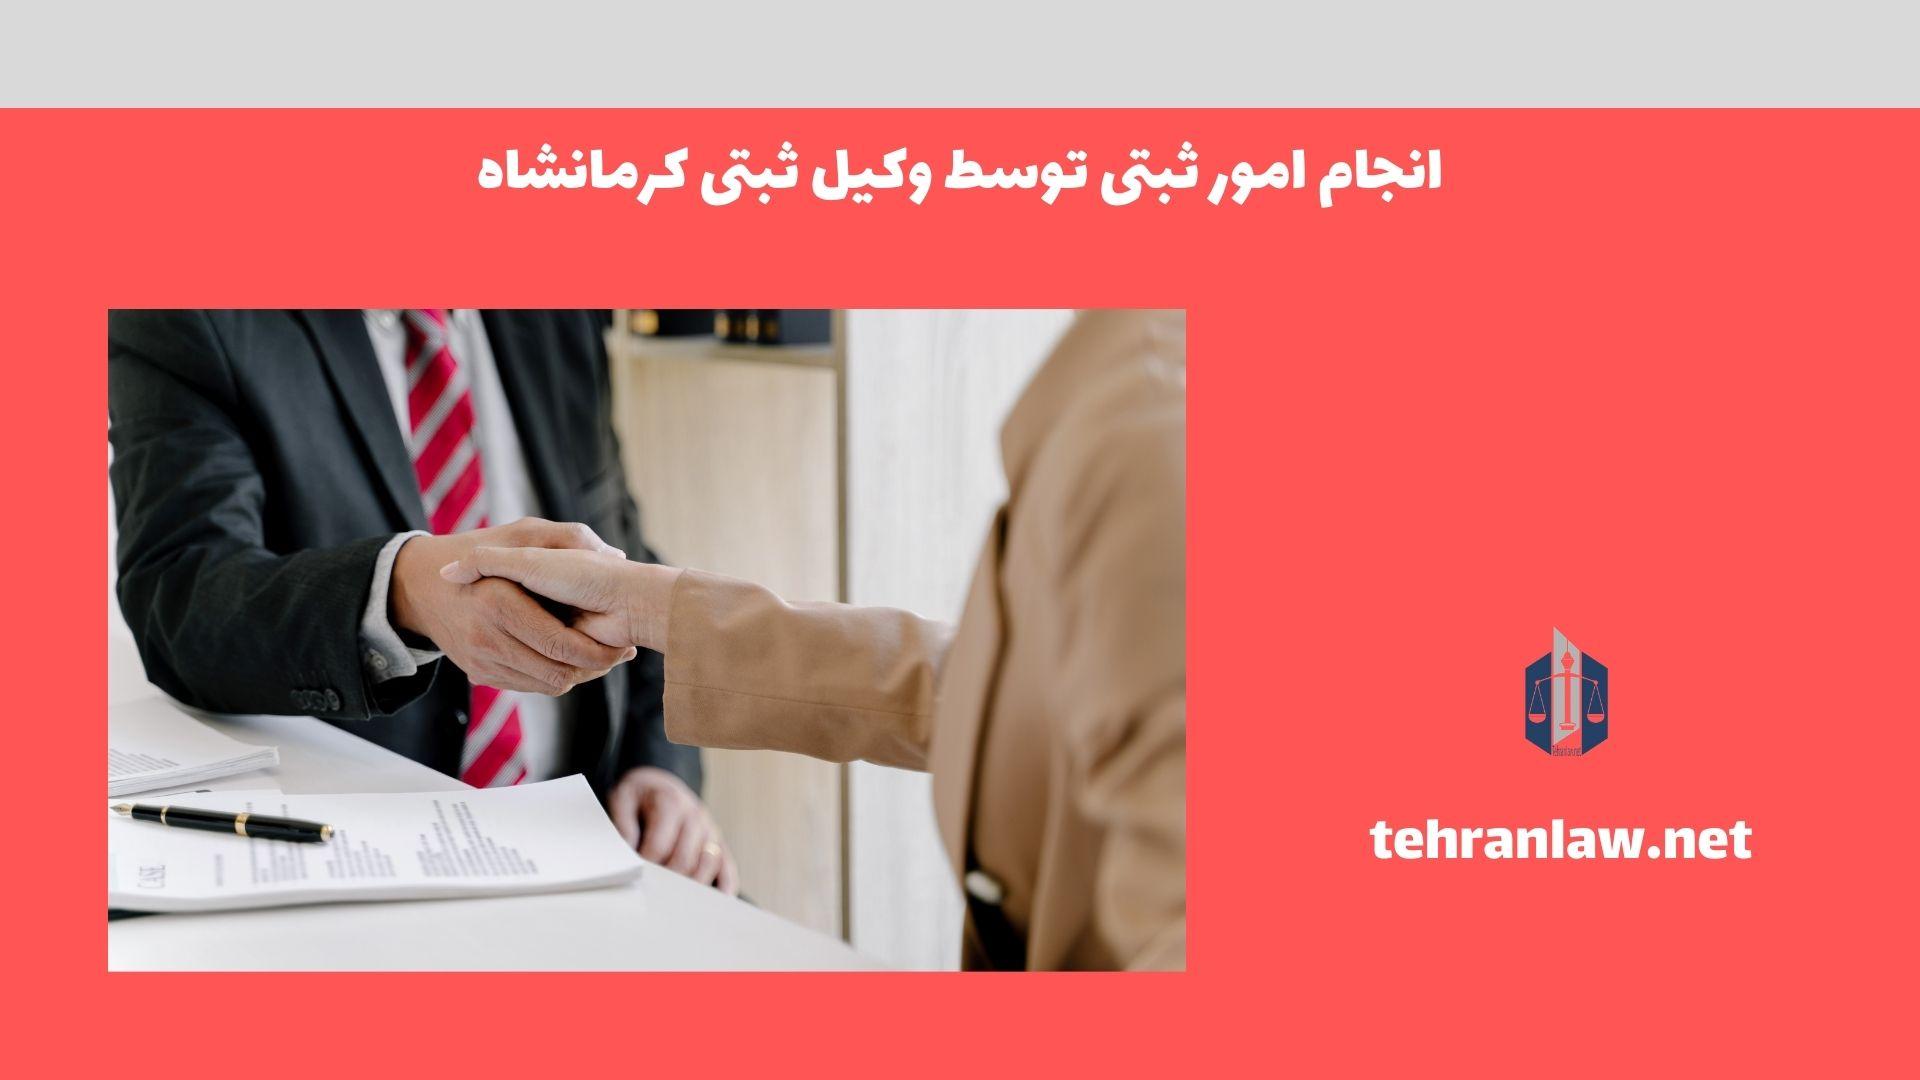 انجام امور ثبتی توسط وکیل ثبتی کرمانشاه